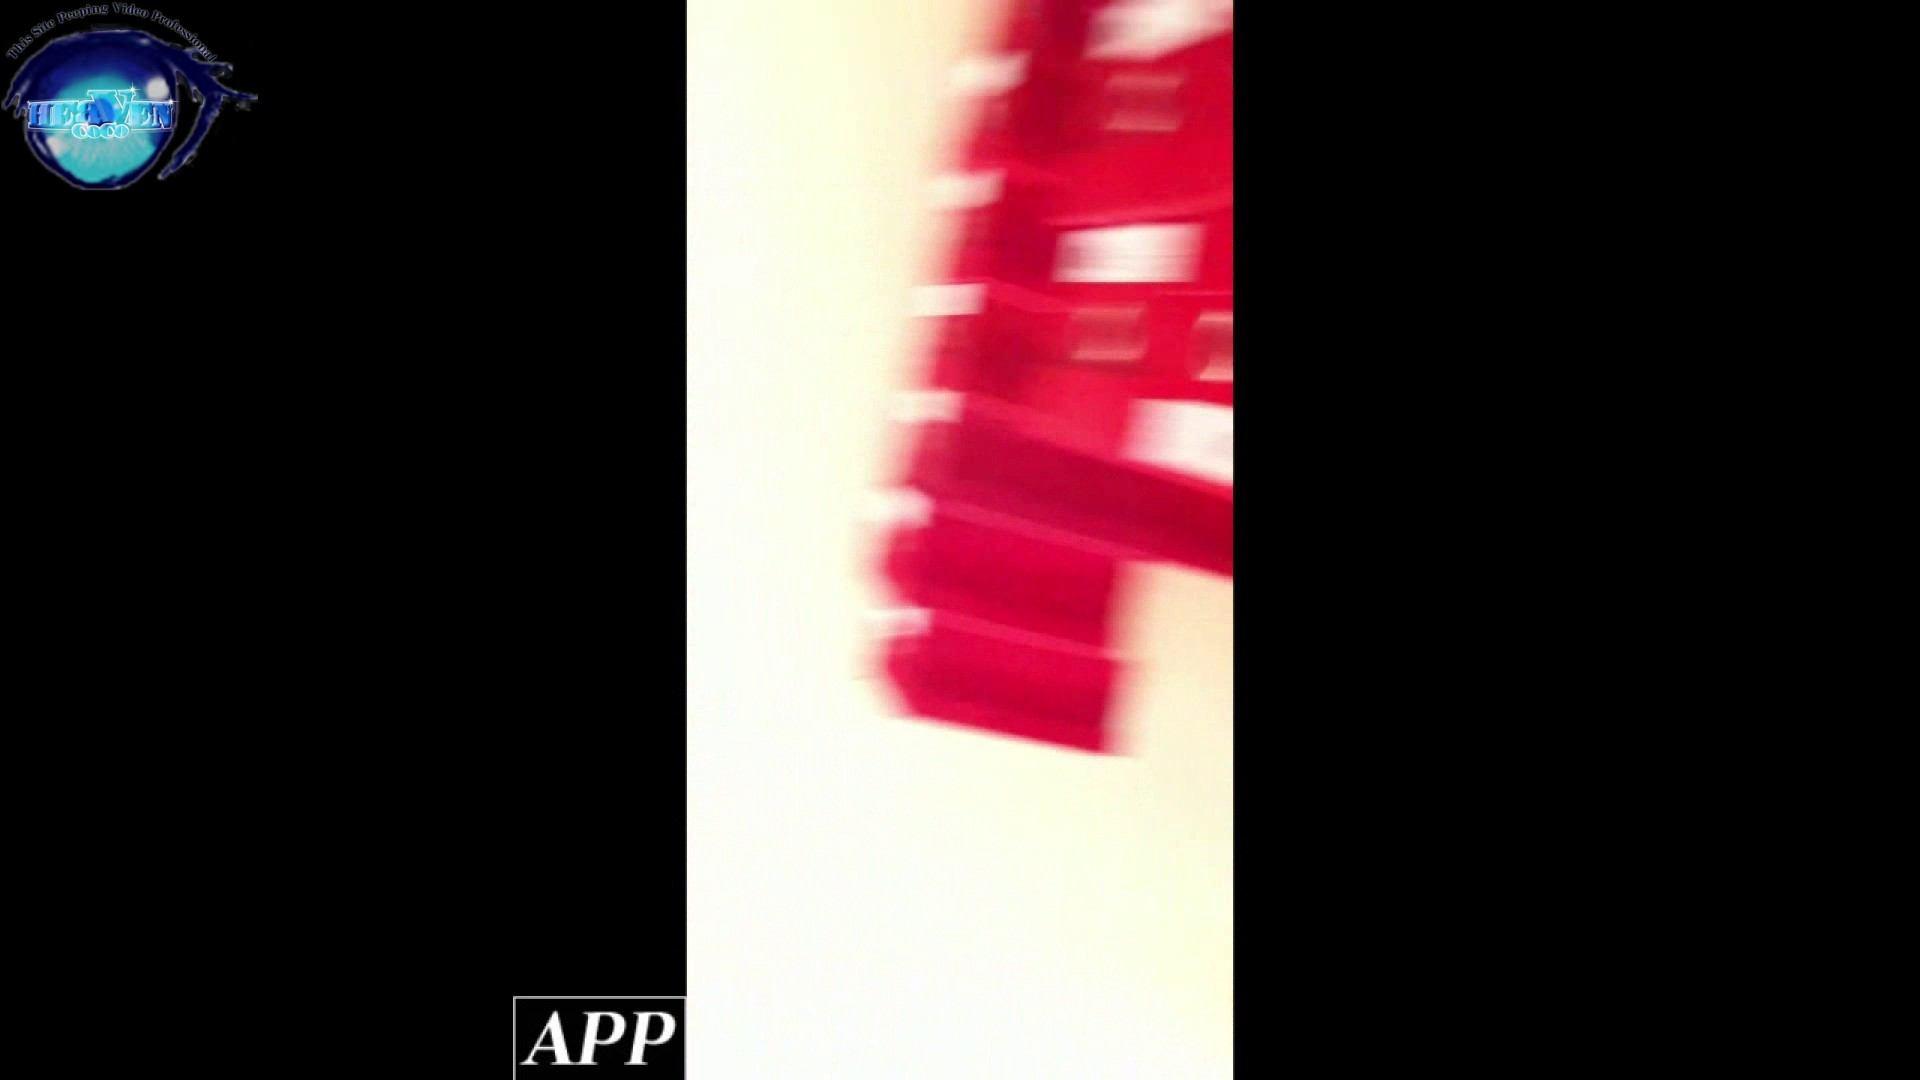 ハイビジョン盗撮!ショップ店員千人斬り!胸チラ編 vol.48 OLエロ画像 | チラ  65PICs 13